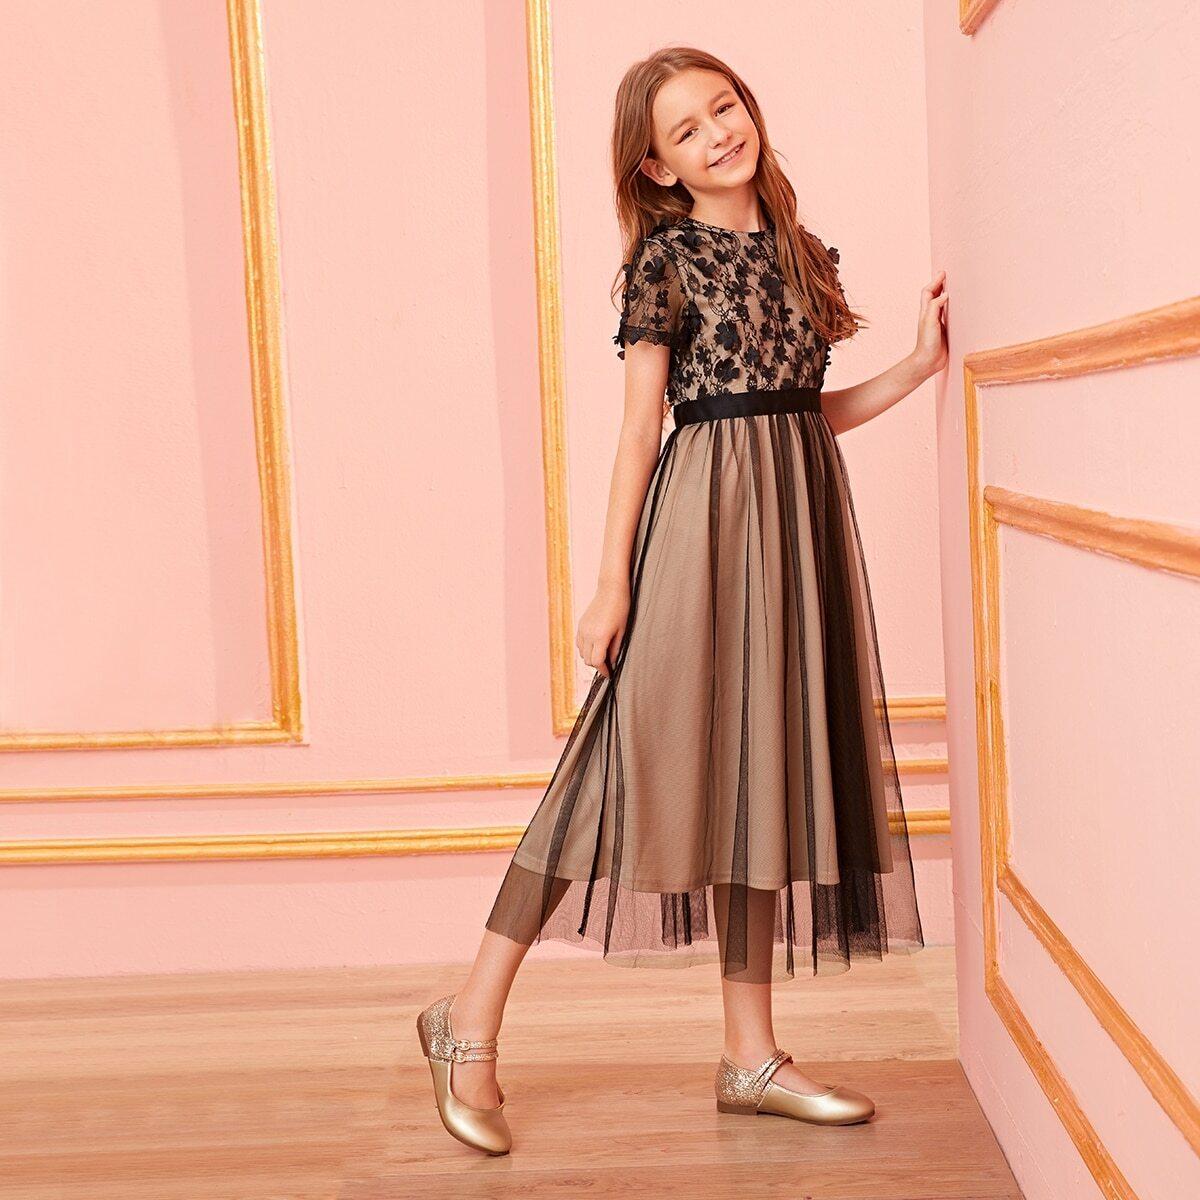 SHEIN / Mädchen Kleid mit 3D Applikation und Netzstoff Überlagerung